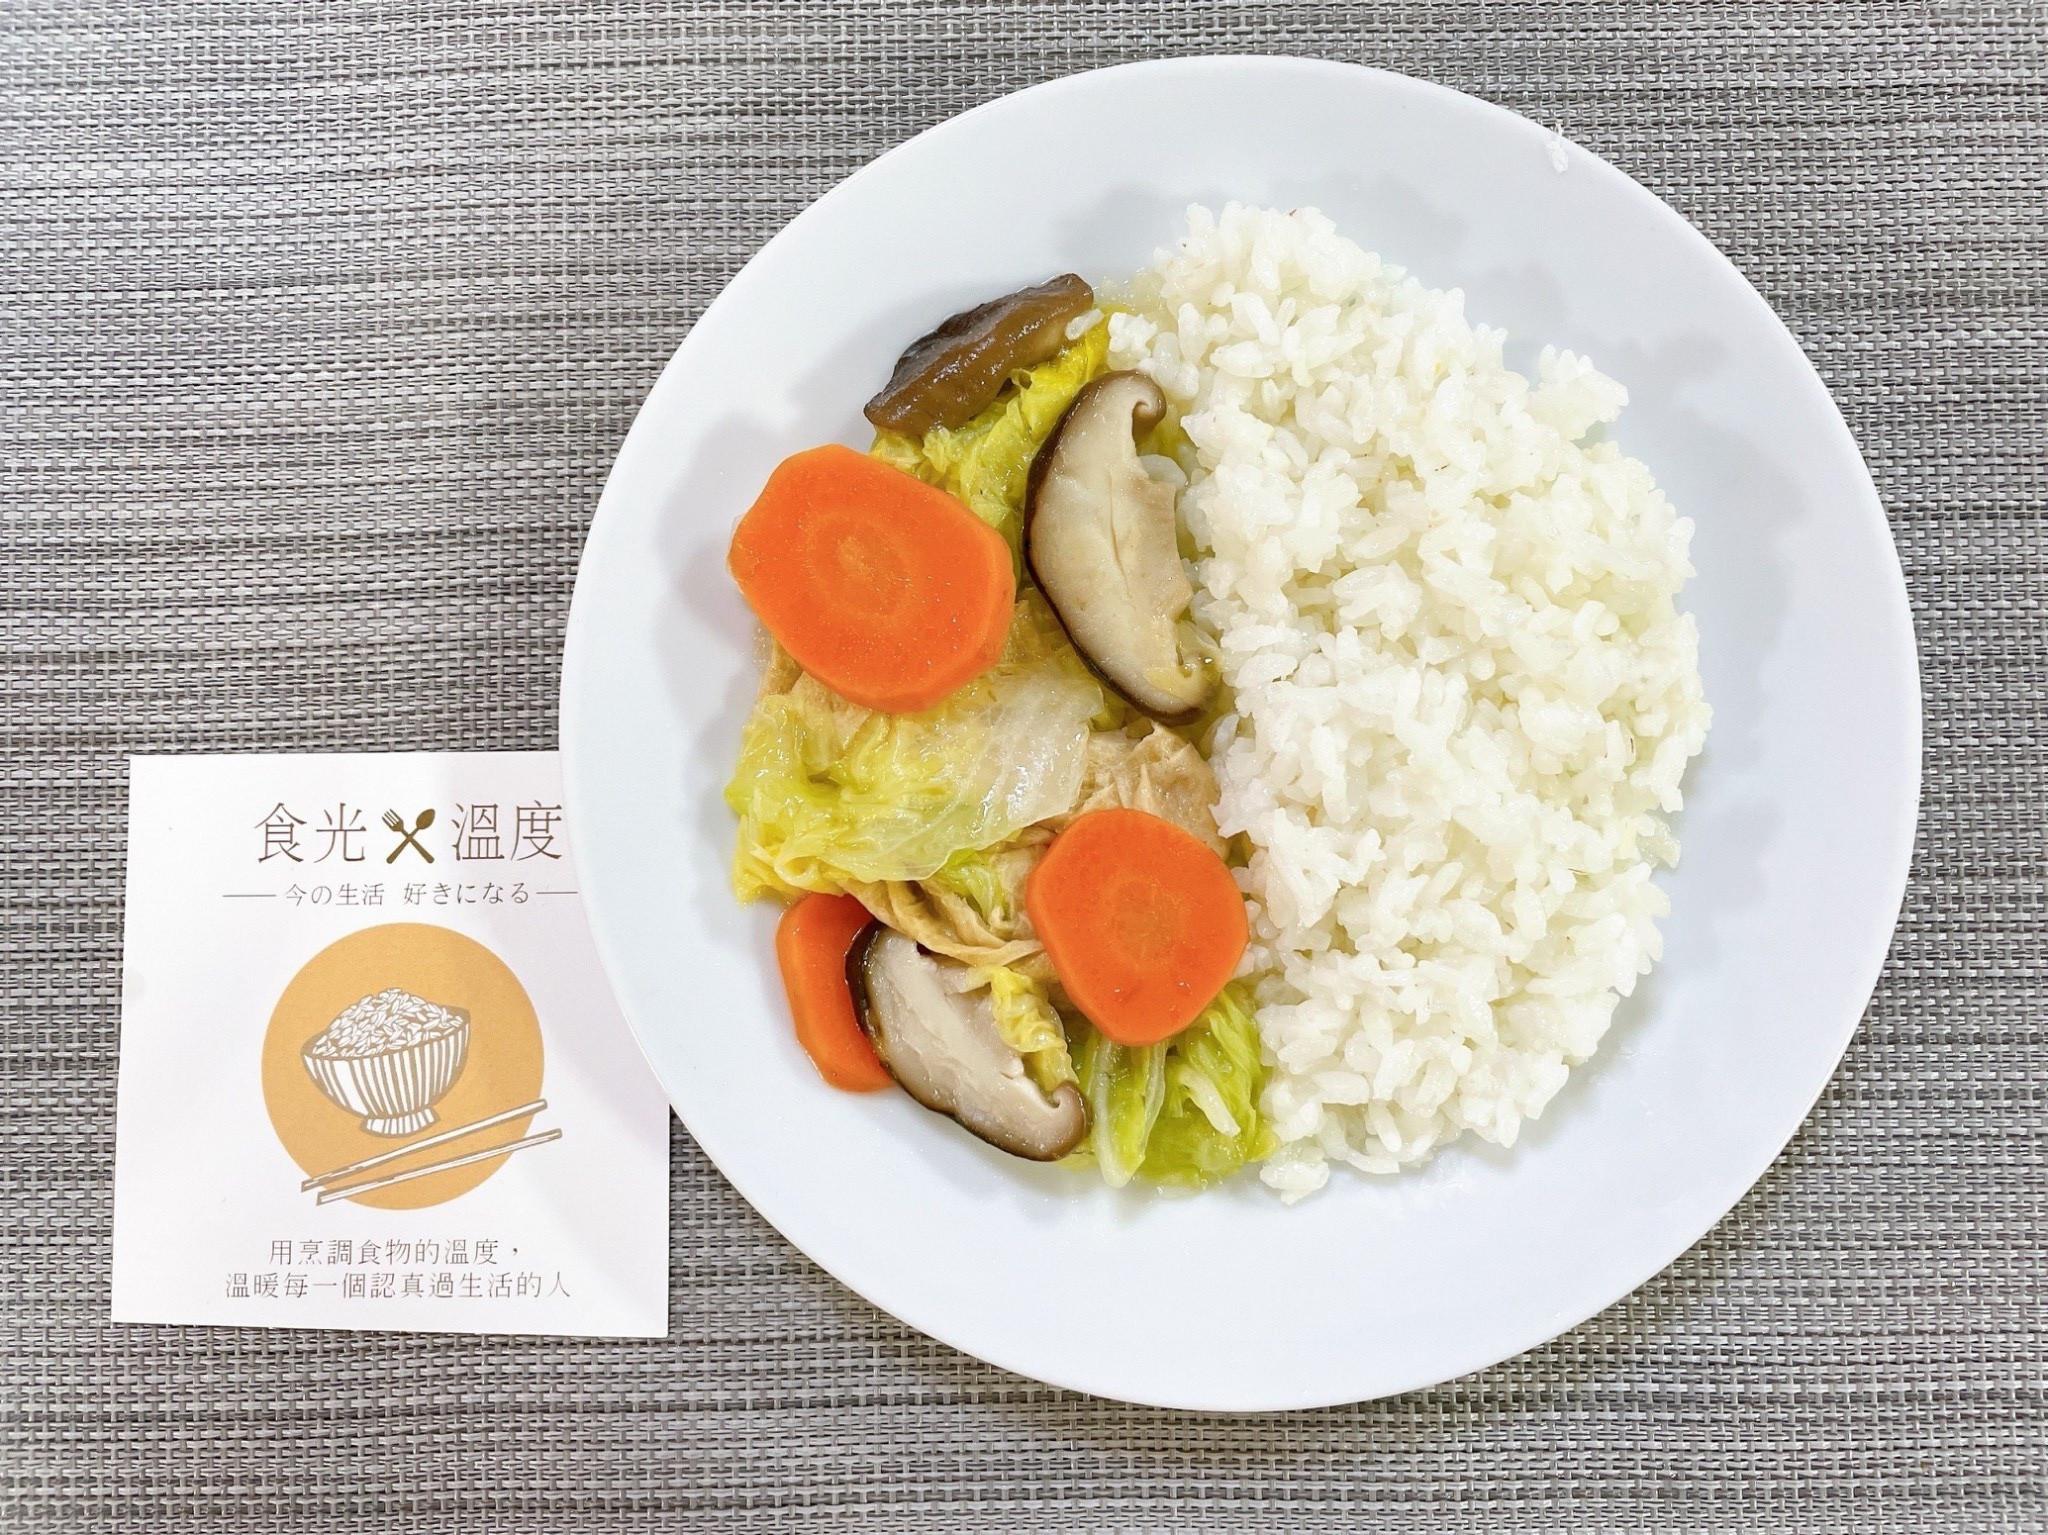 古早味白菜滷   料理食材包